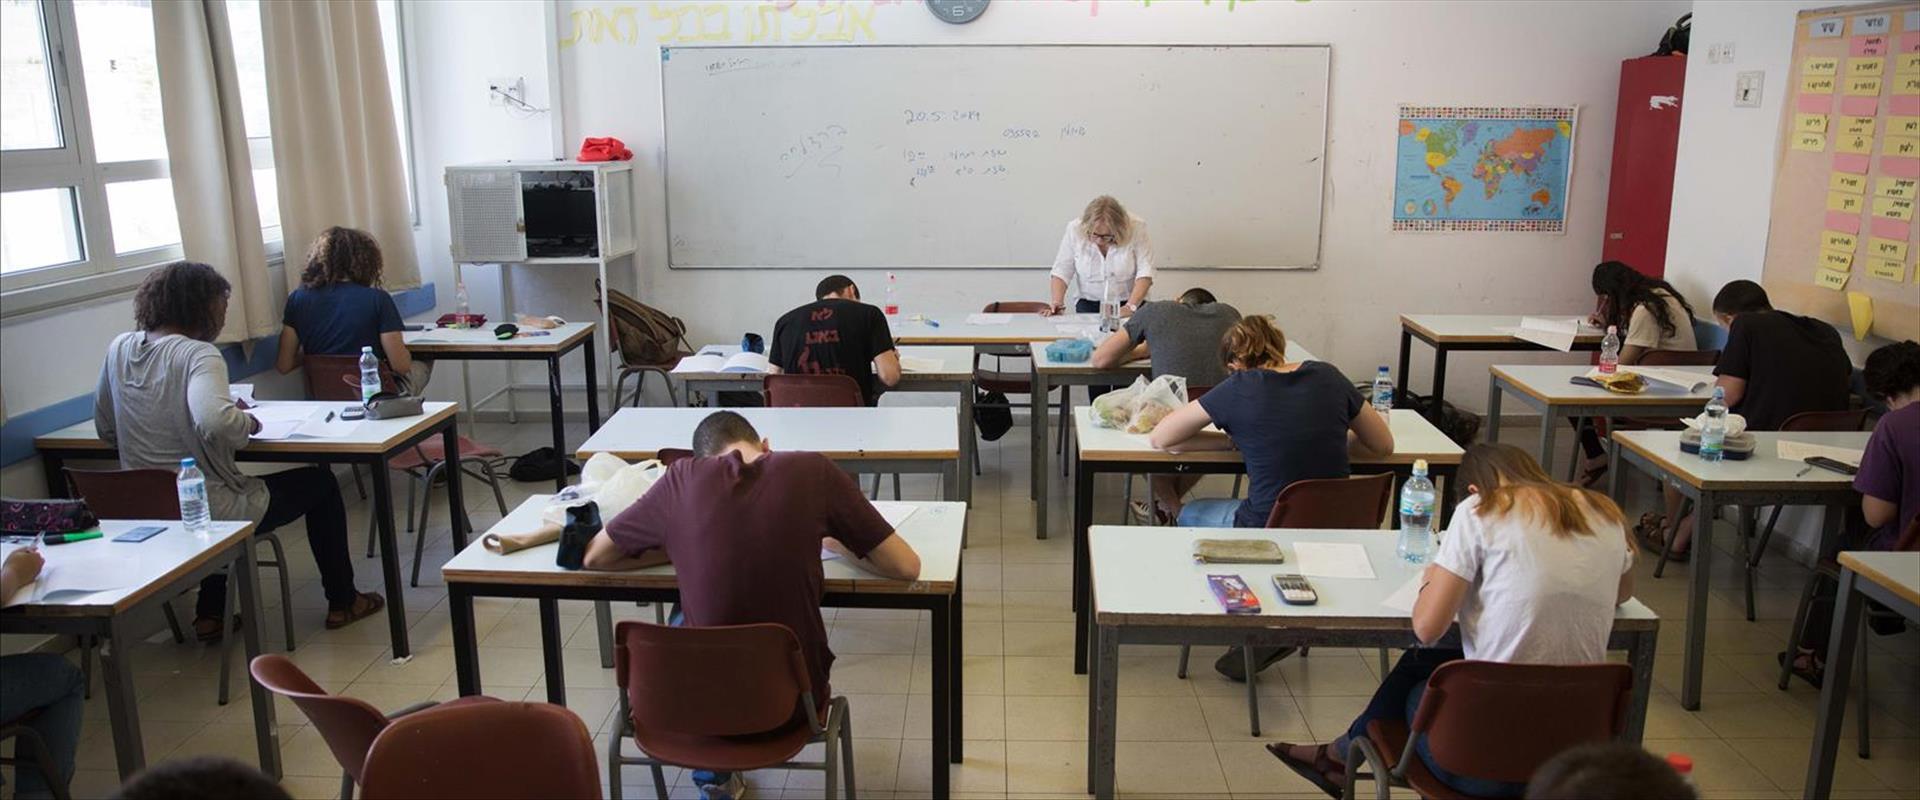 תלמידים נבחנים